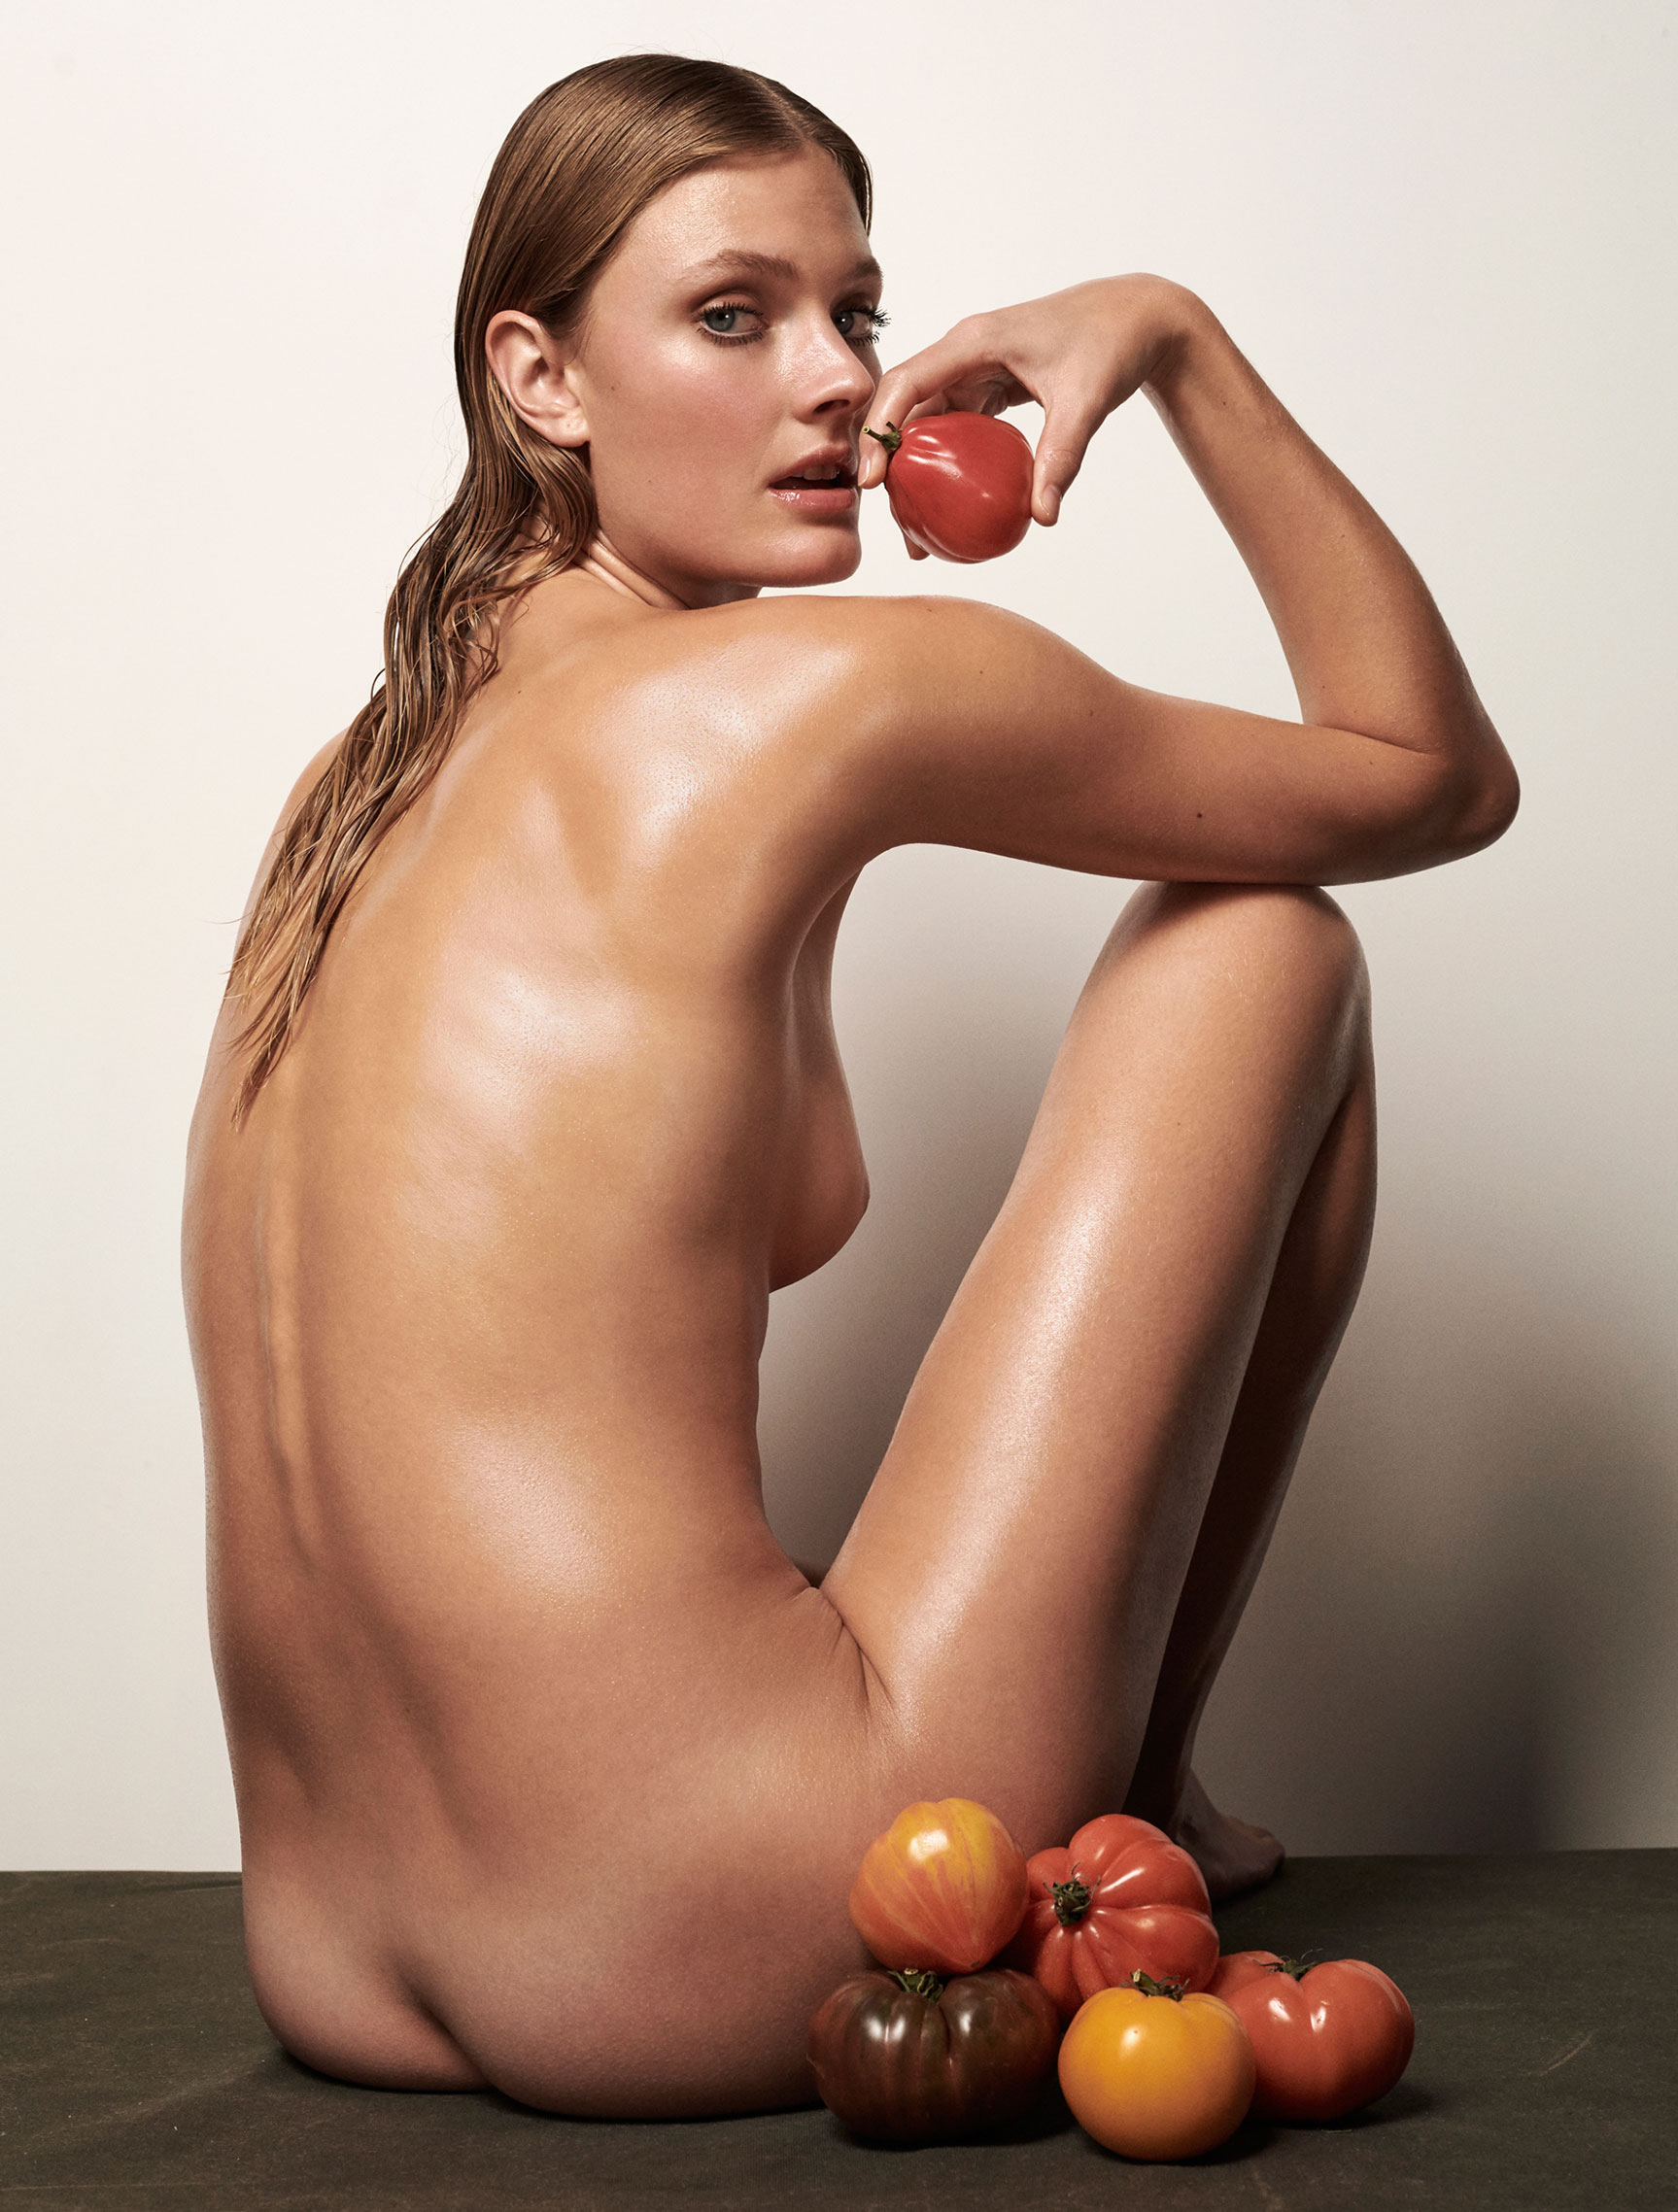 Полезная еда и голая женщина / фото 13